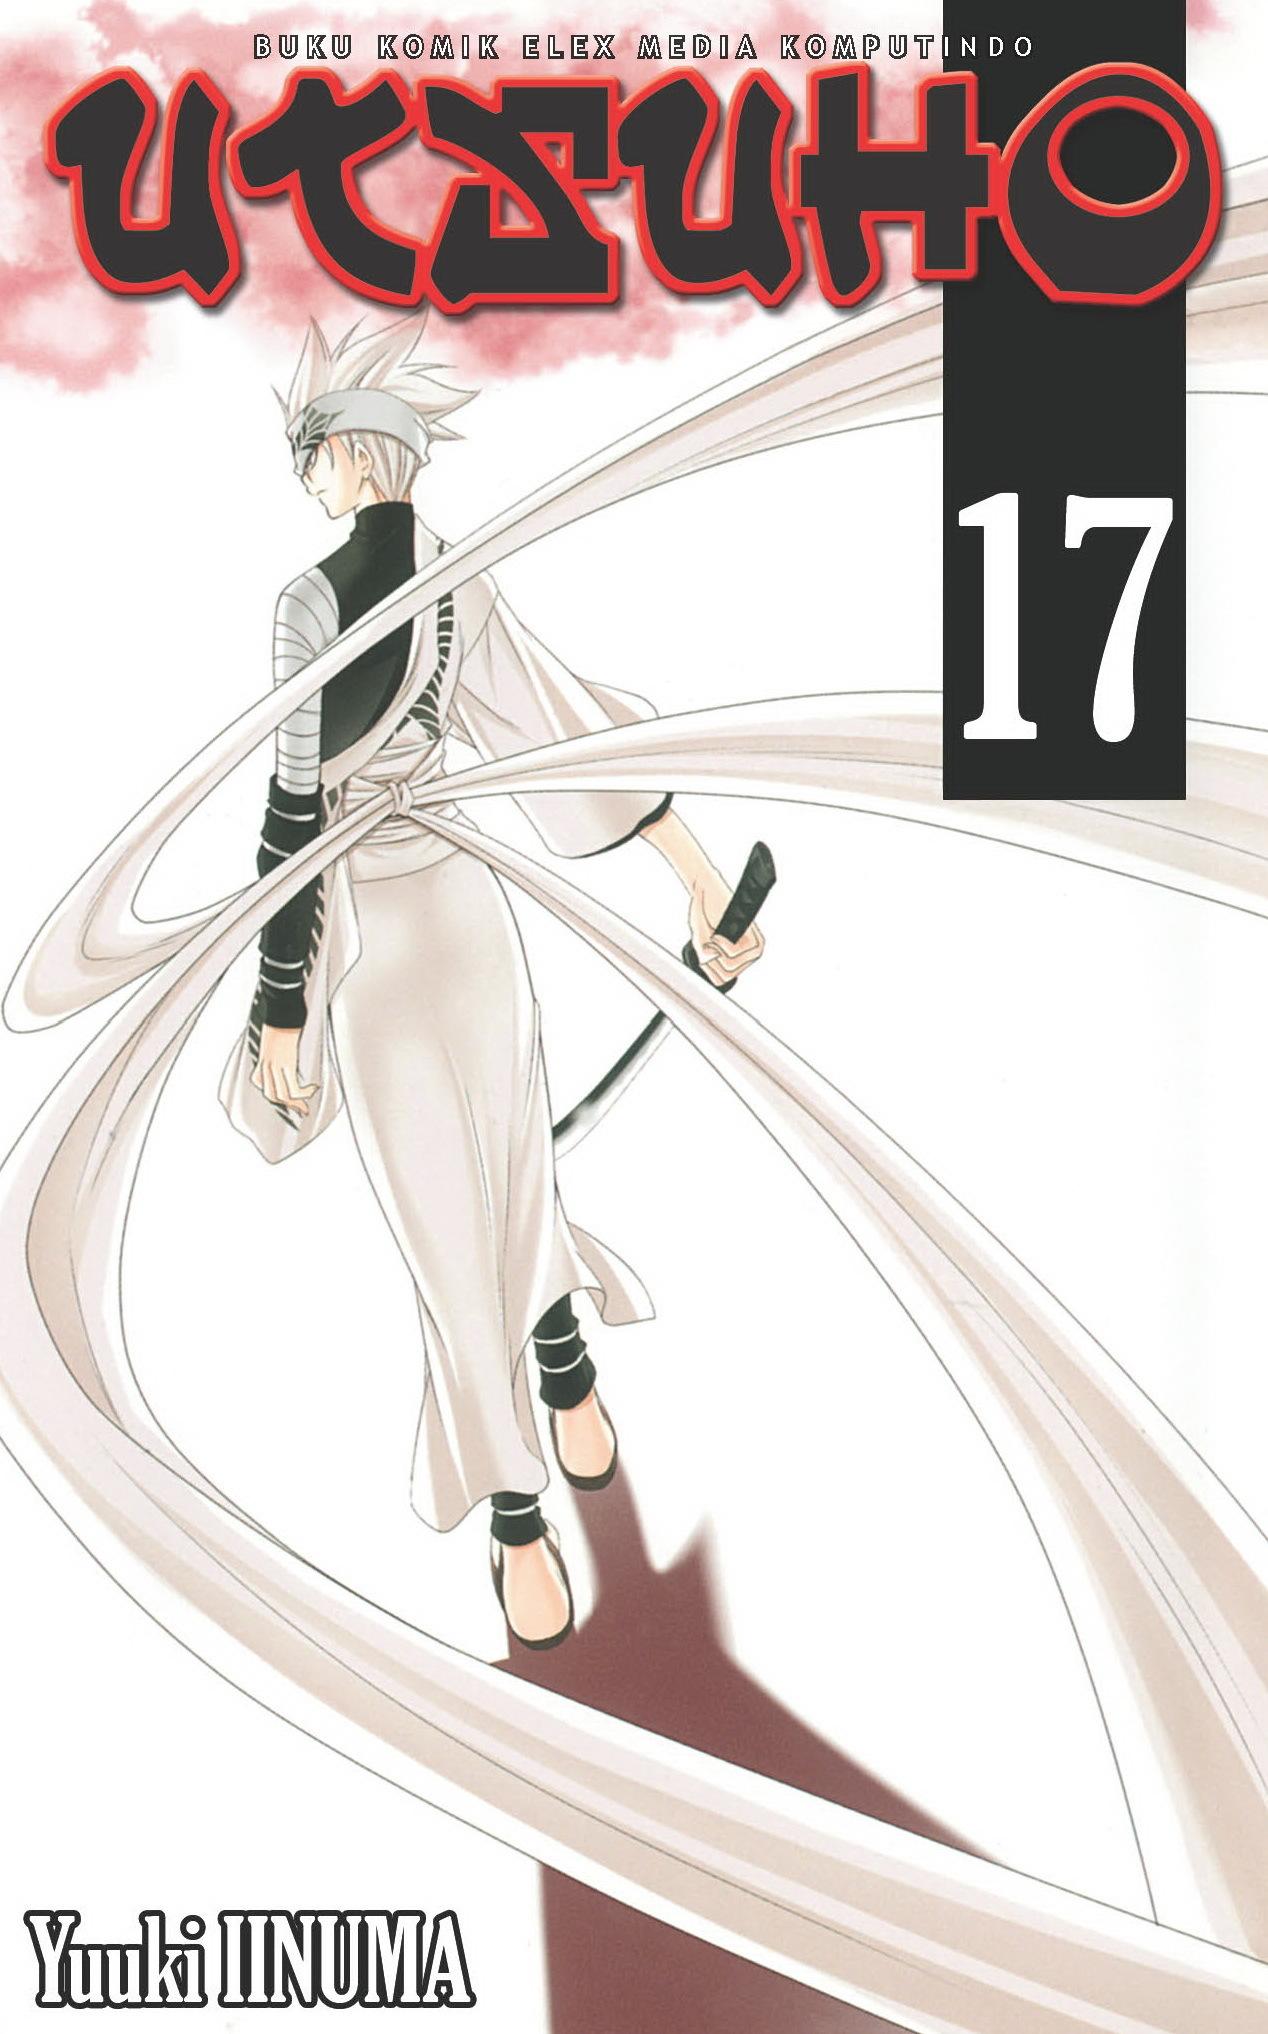 Utsuho vol. 17 (Utsuho, #17)  by  Yuki Iinuma